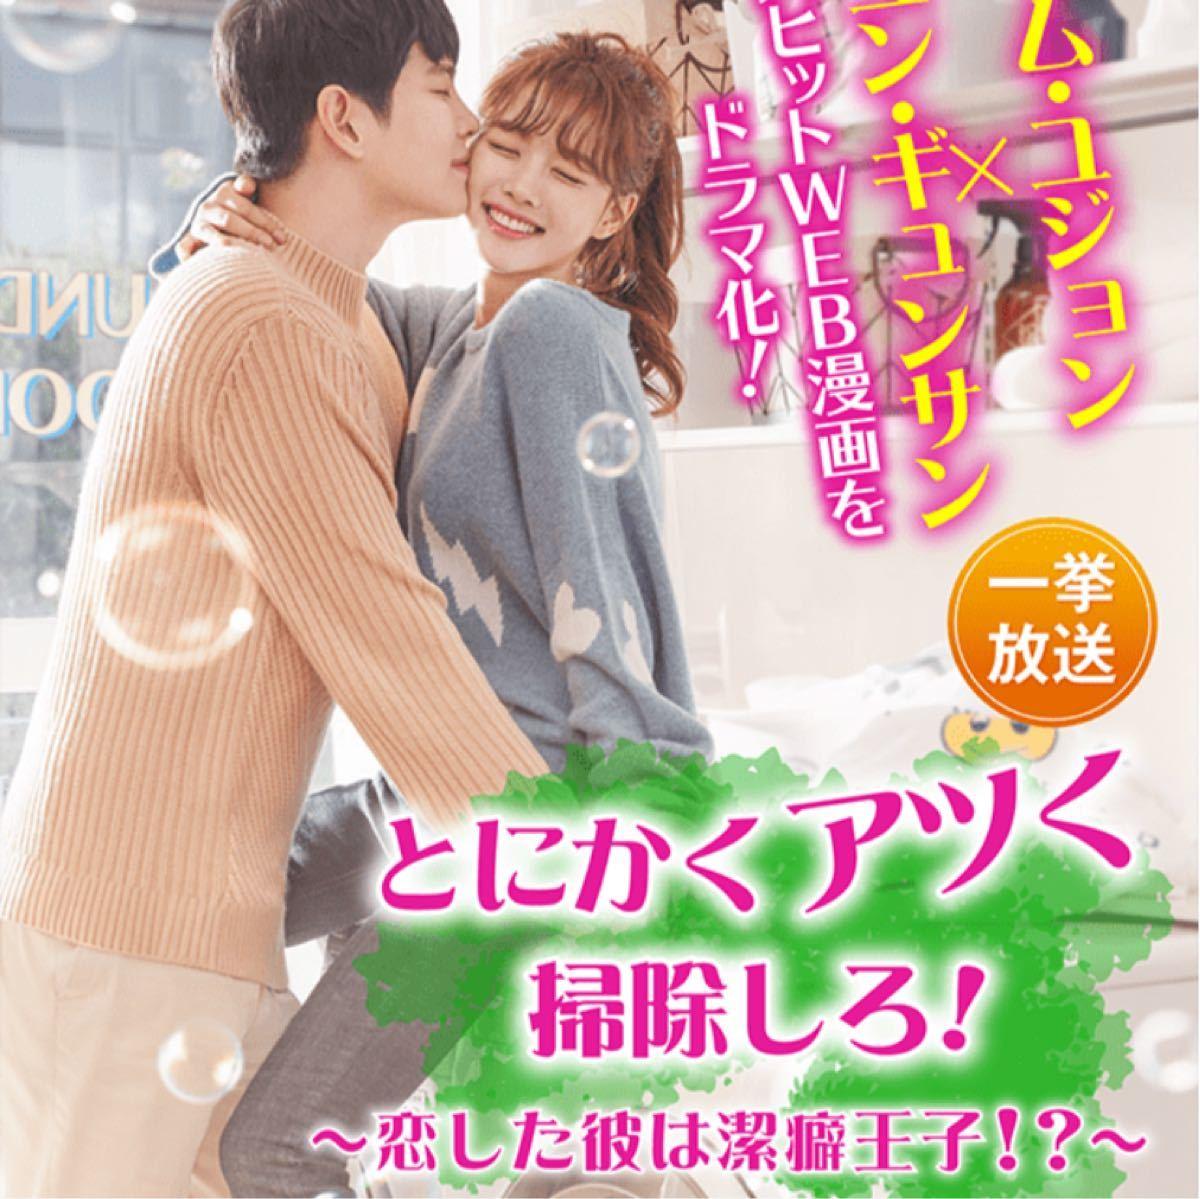 ☆韓国ドラマ☆『とにかくアツく掃除しろ!』Blu-ray  全話  CDケース入